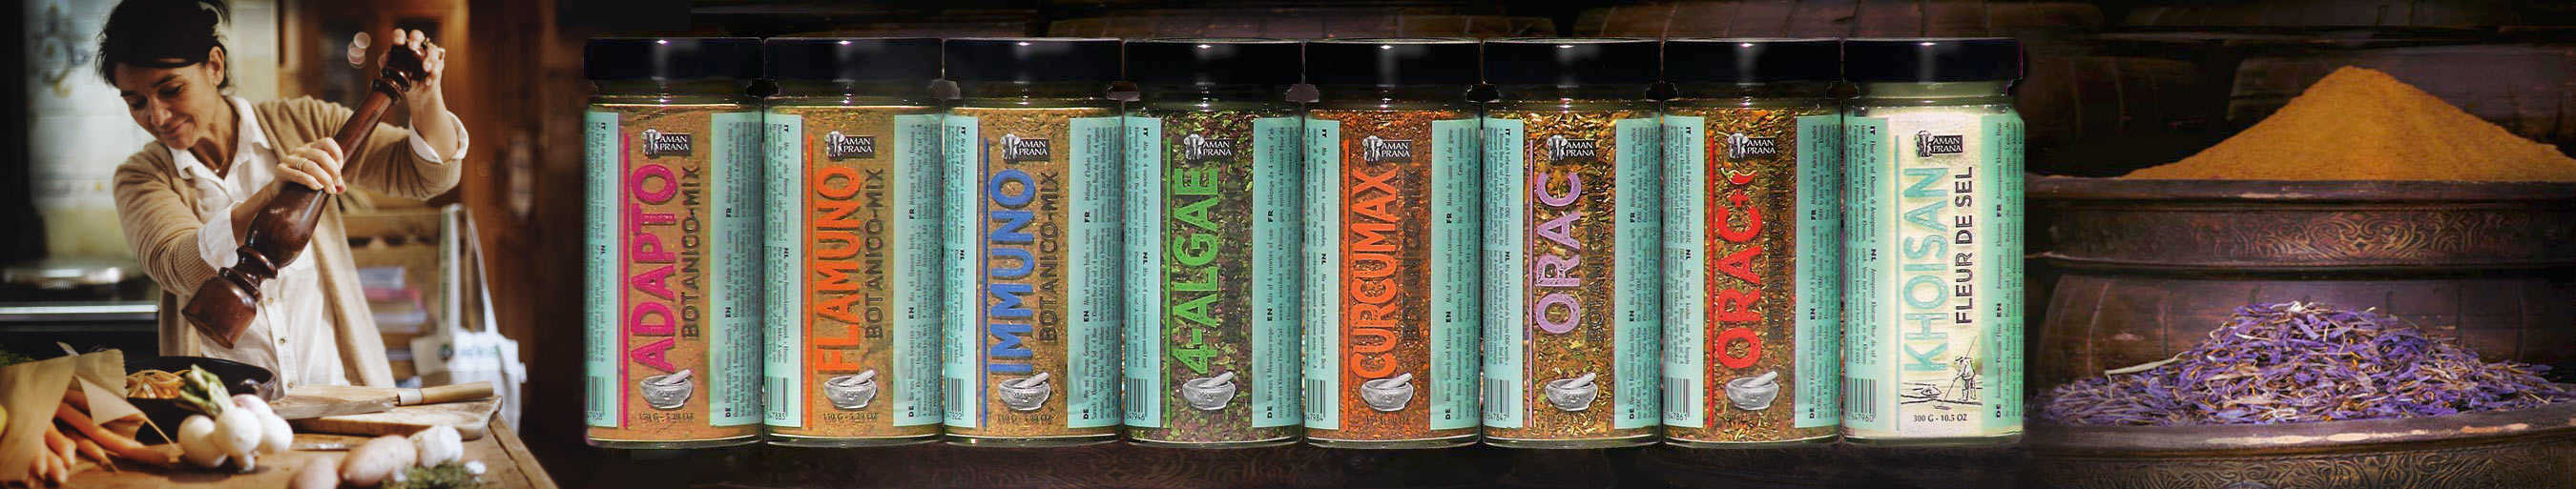 Verzameling van kruidenmixen in glazen potten van Amanprana Botanico kruidenmixen